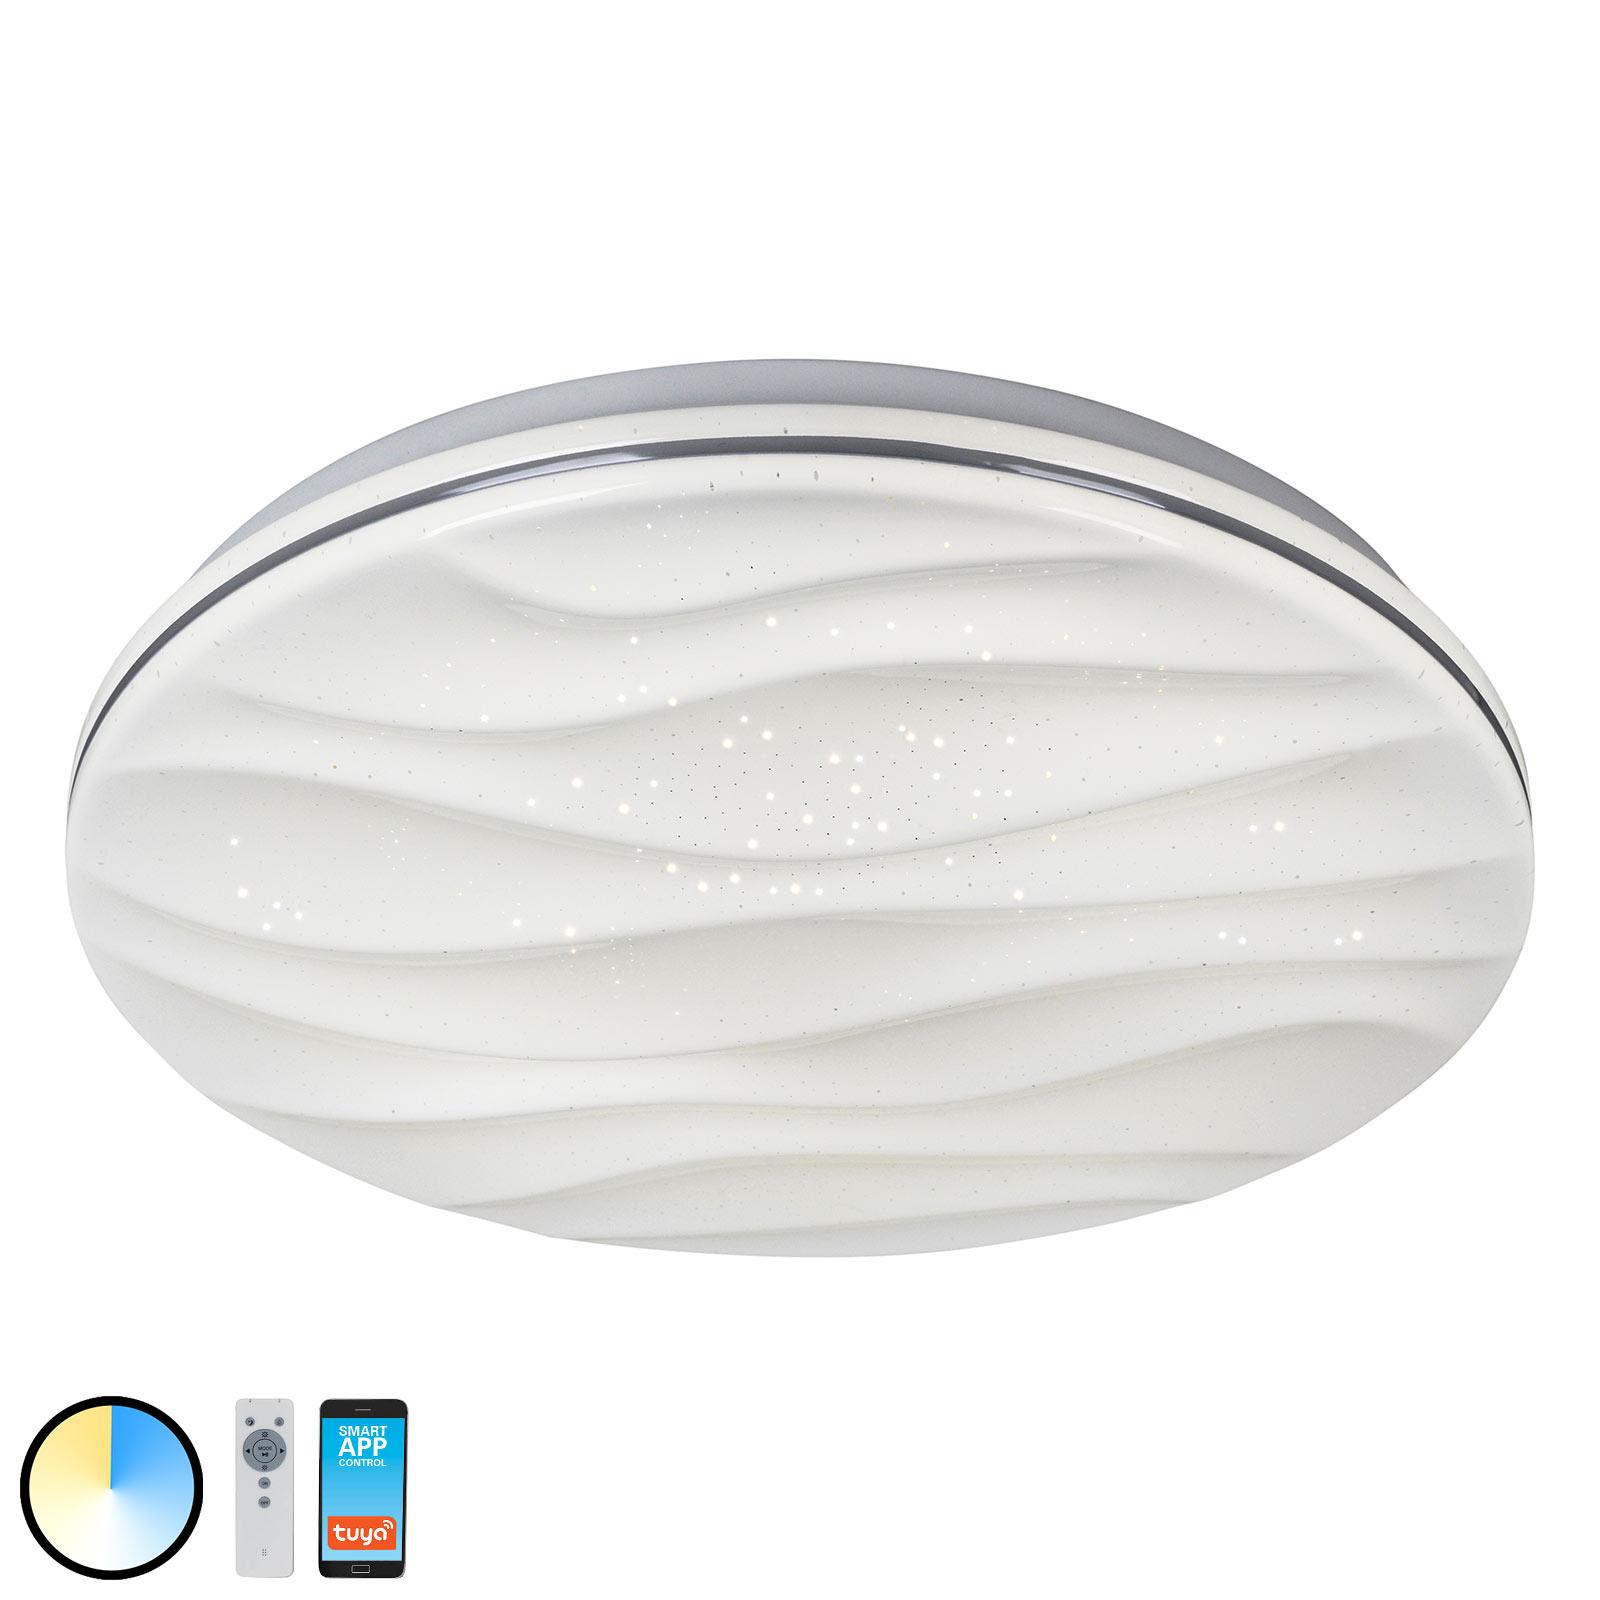 Lampa sufitowa LED Austin sterowana aplikacją